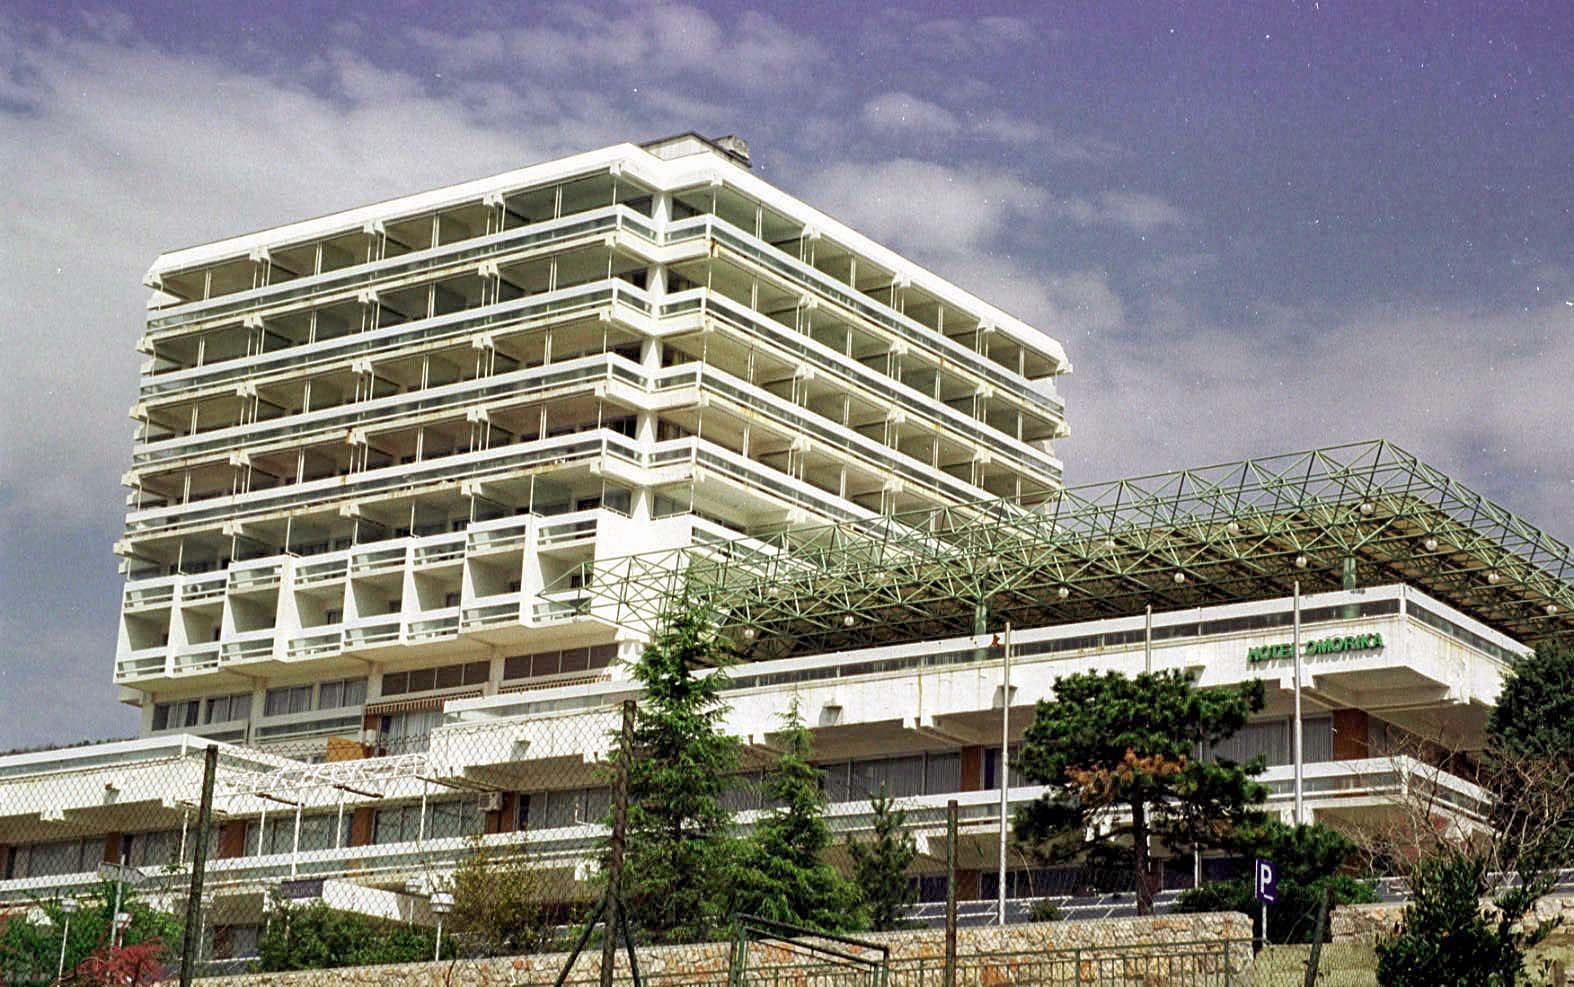 Arhivska fotografija: Hotel Omorika, u sklopu poduzeća Jadran Crikvenica